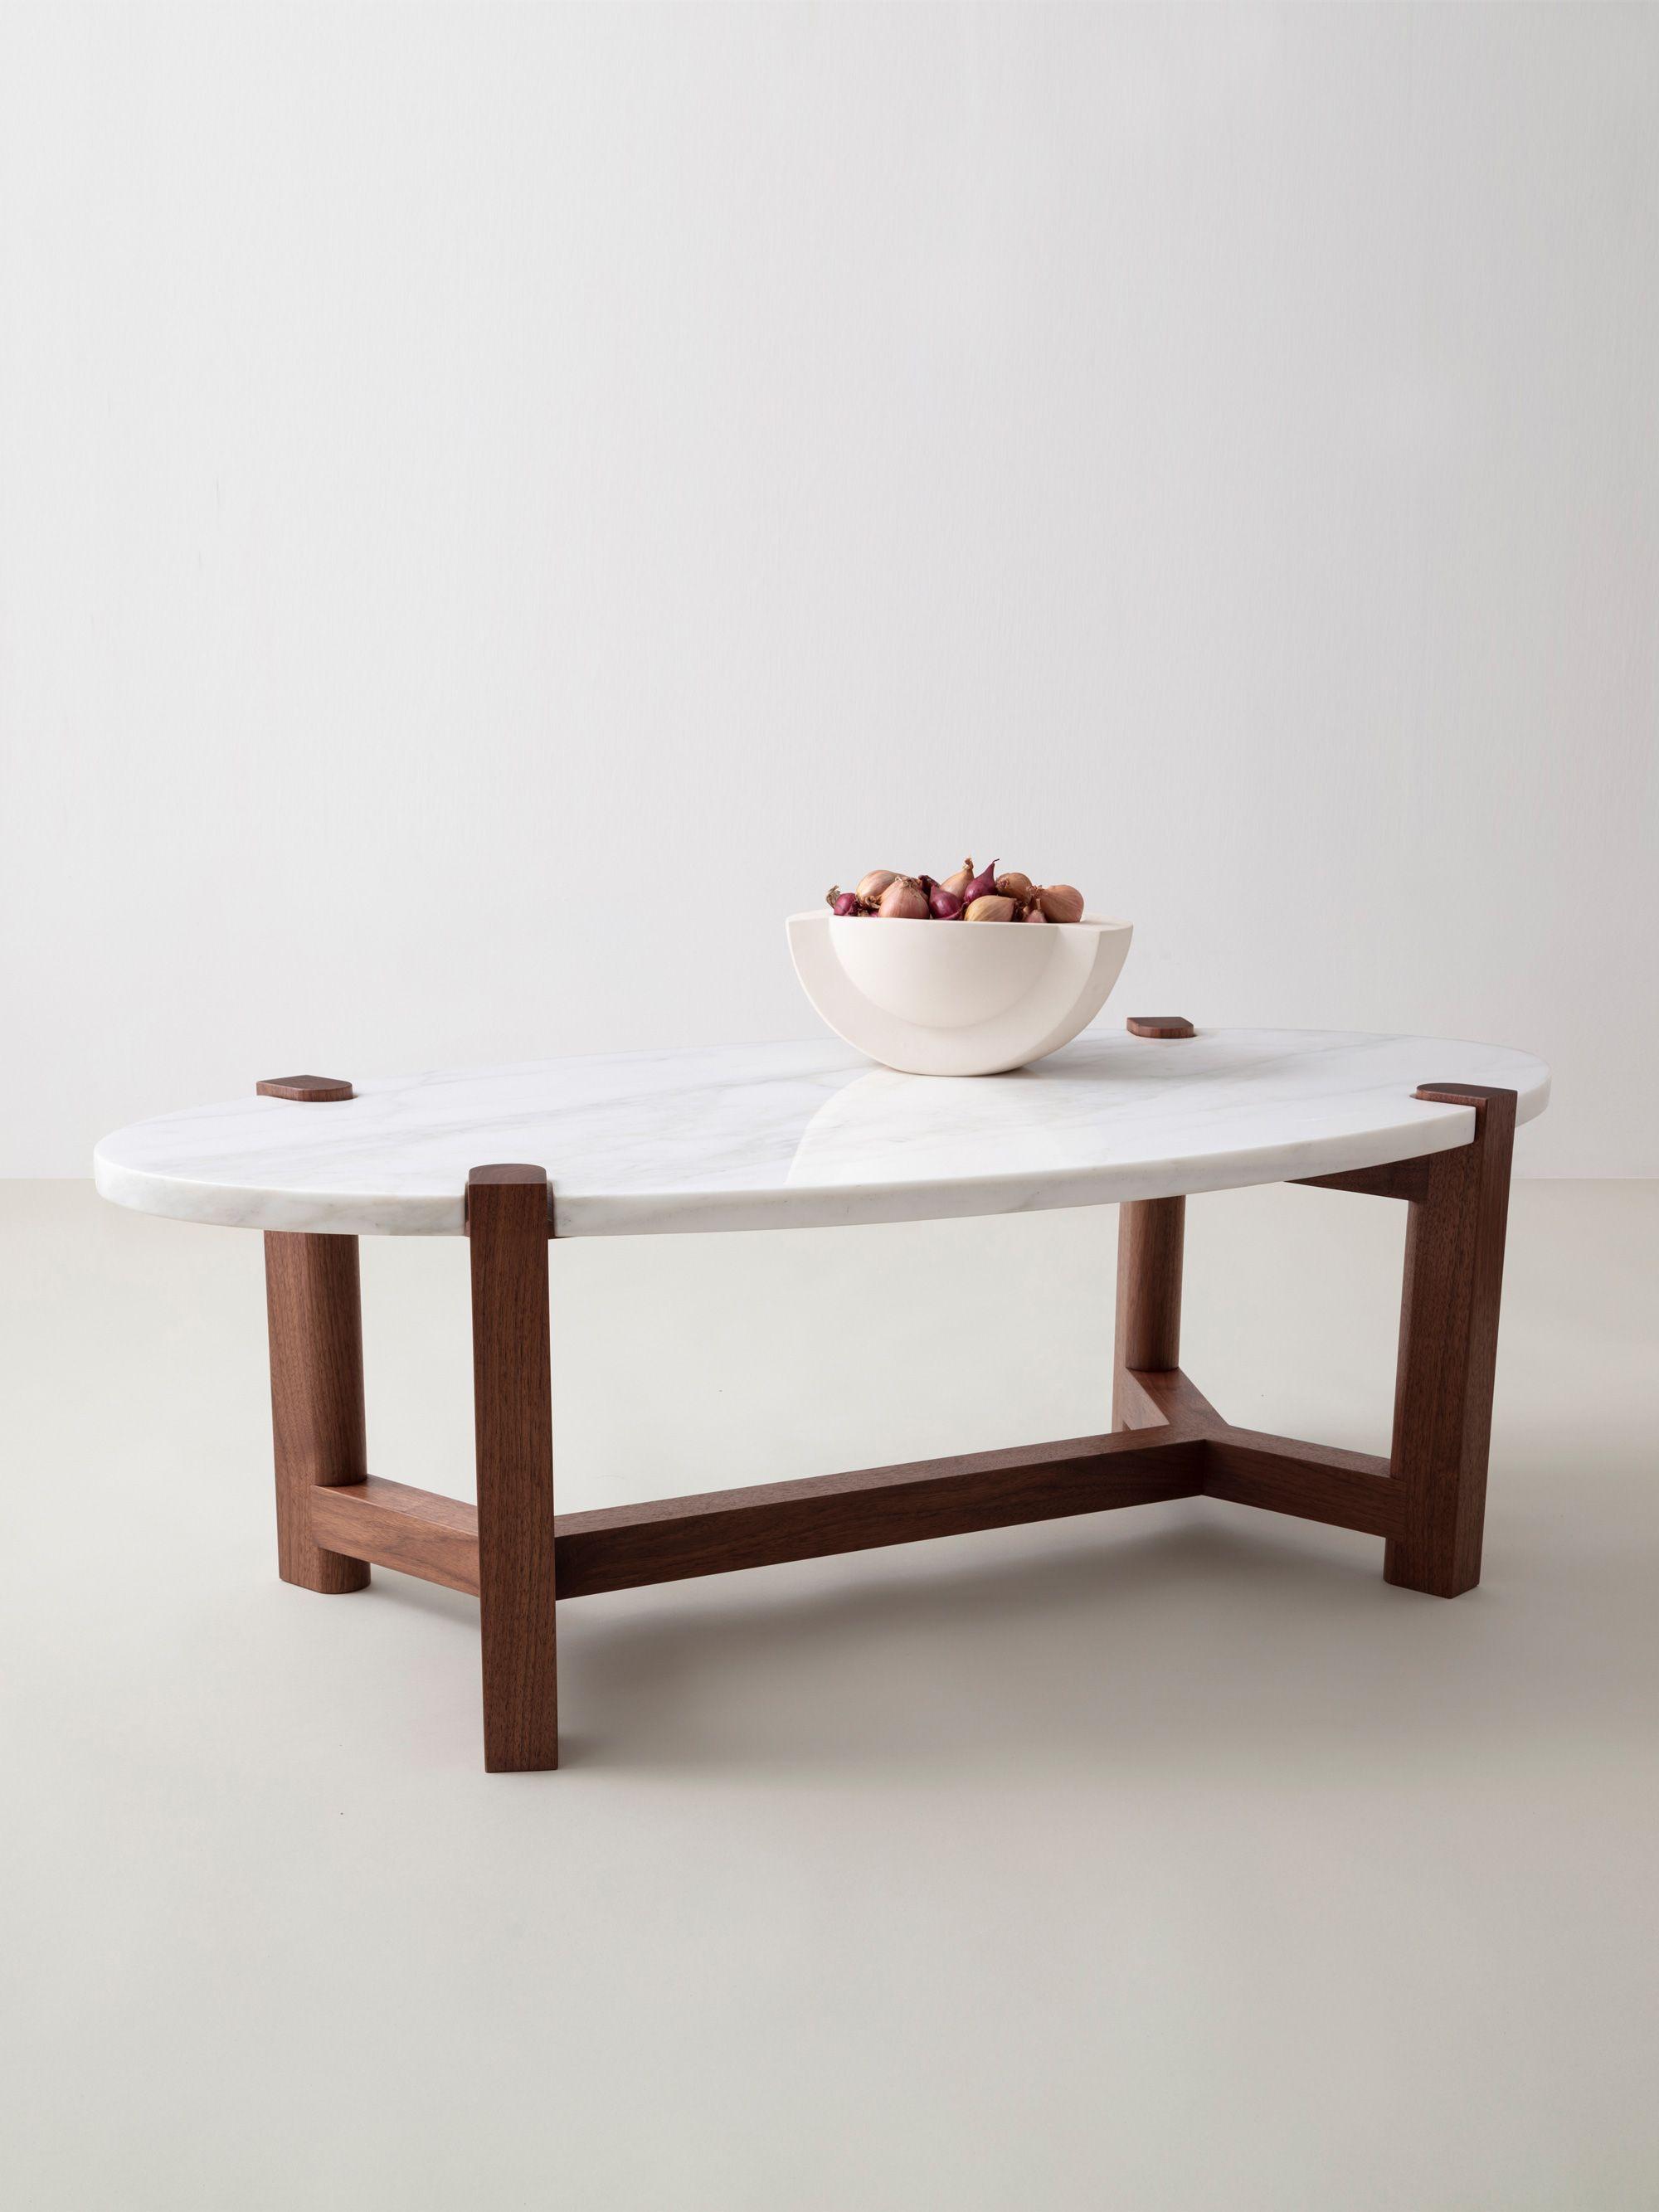 Pierce Coffee Table By David Gaynor Design Coffee Table Table Walnut Coffee Table